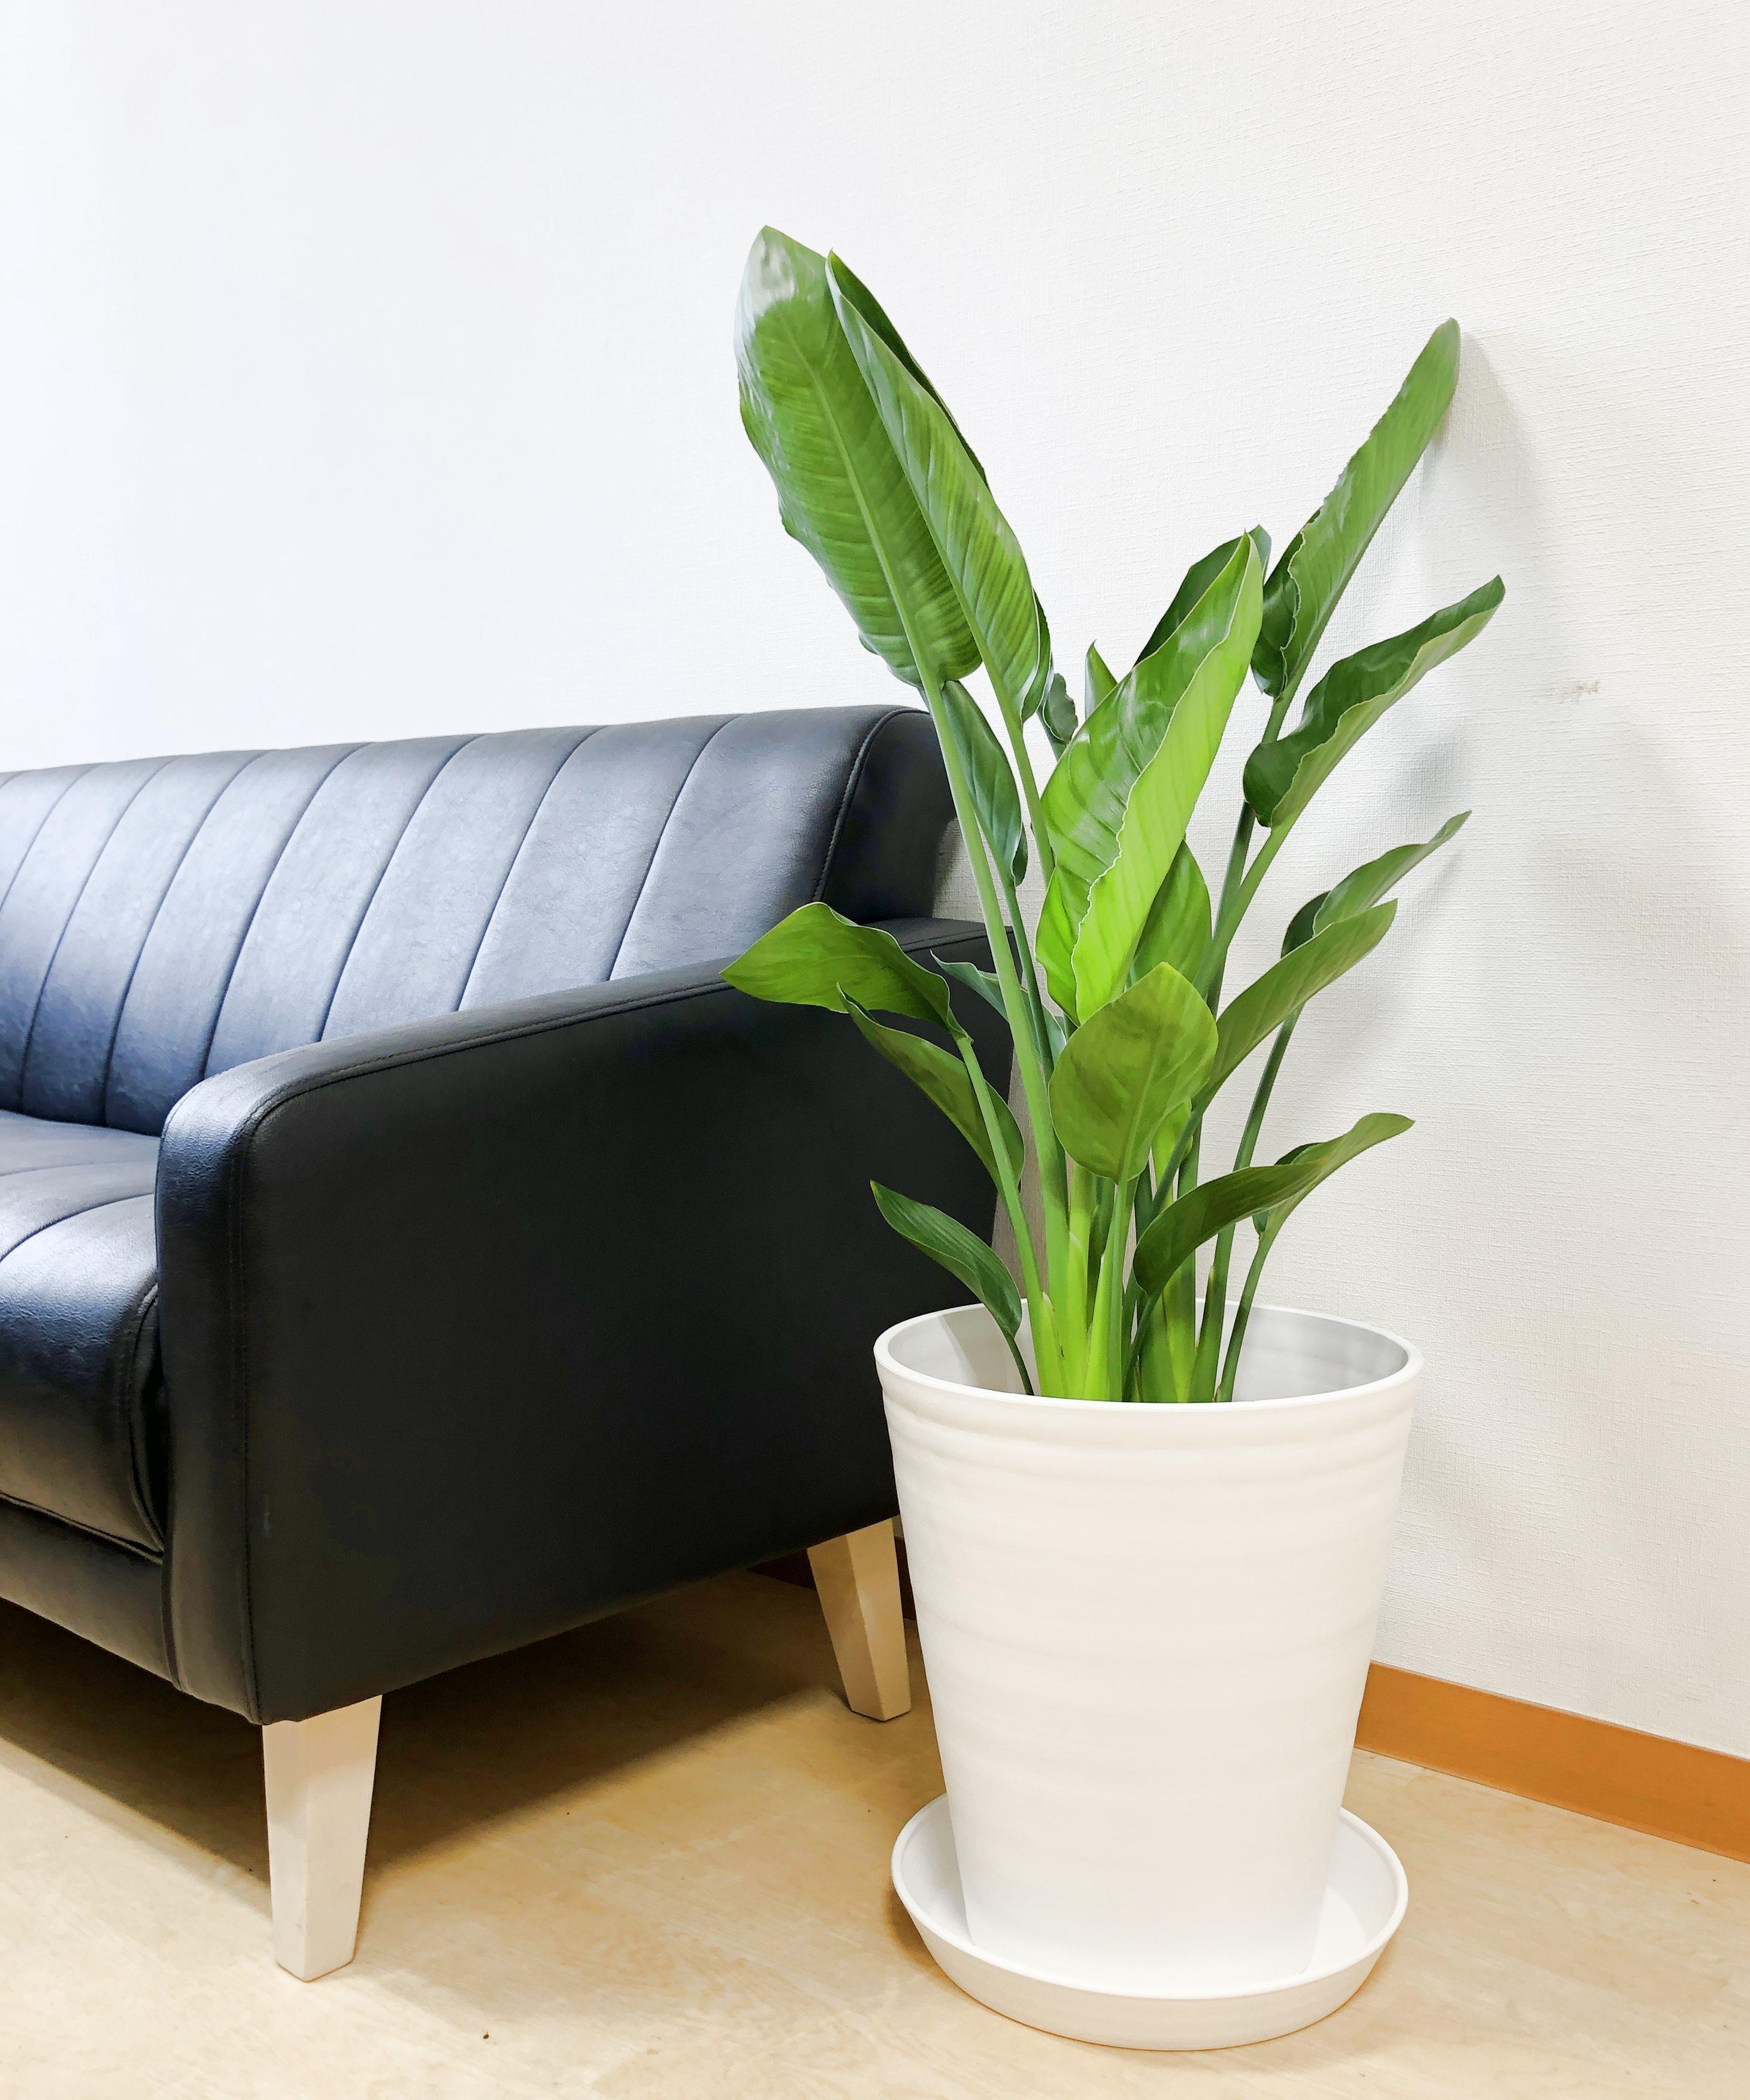 ★送料無料!スタイリッシュな観葉植物 ストレチア・レギネ 8号 2色選べる鉢カバー付き